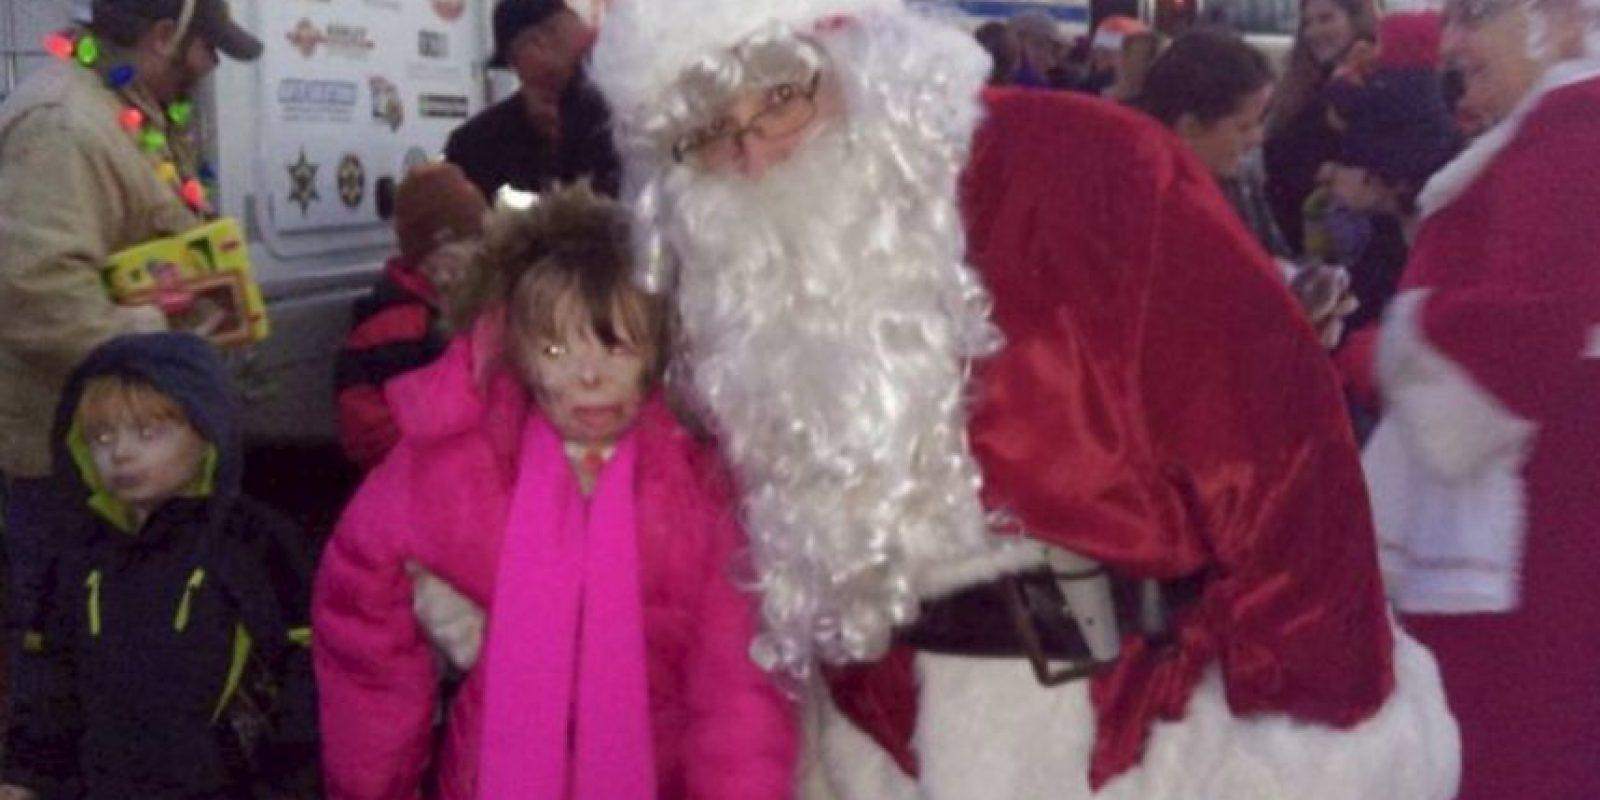 La pequeña, de ahora ocho años, fue encontrada cerca del cuerpo de su padre. Foto:Vía facebook.com/Schenectadyssupersurvivor